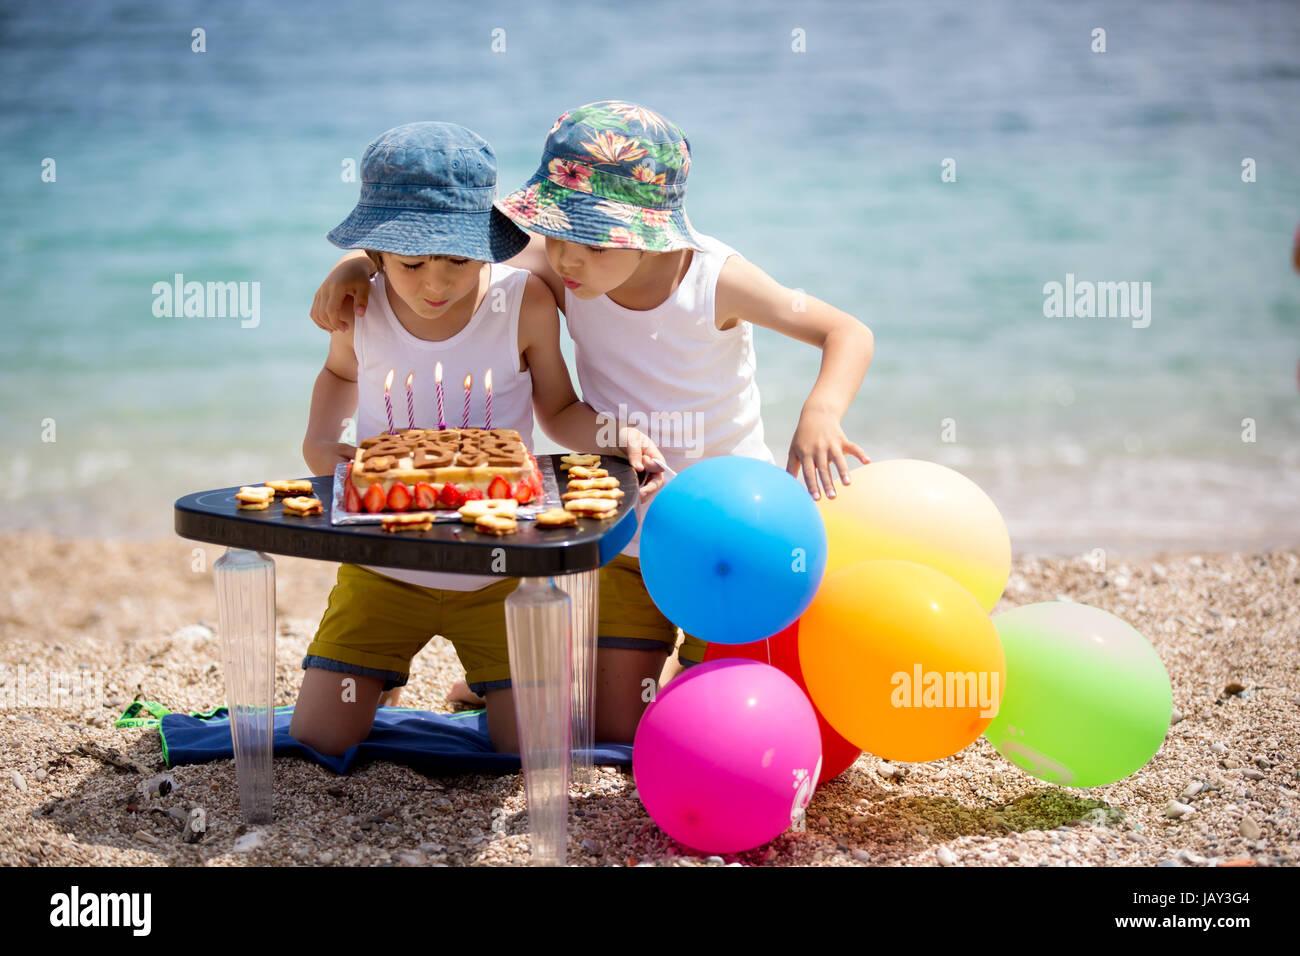 Sweet petits enfants, des jumeaux, célébrant leur sixième anniversaire sur la plage, des gâteaux, Photo Stock